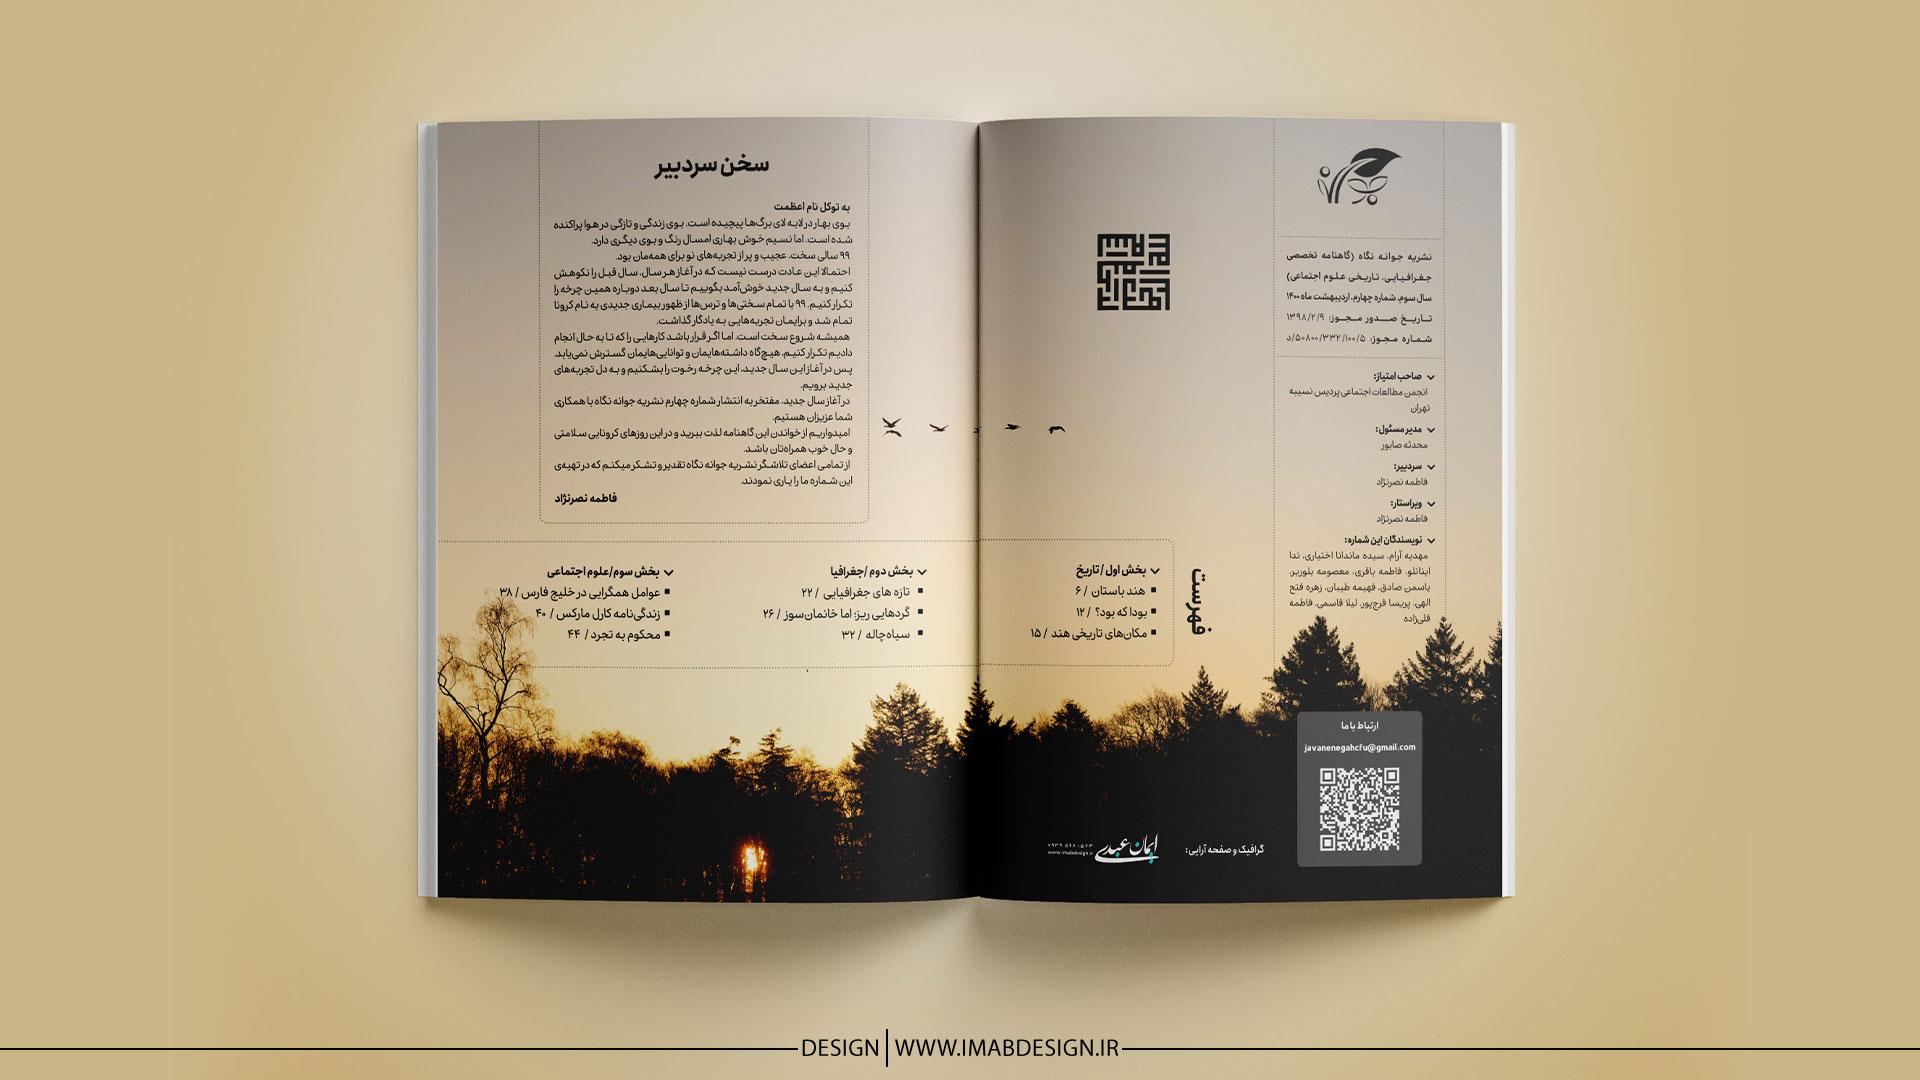 صفحه آرایی نشریه جوانه نگاه